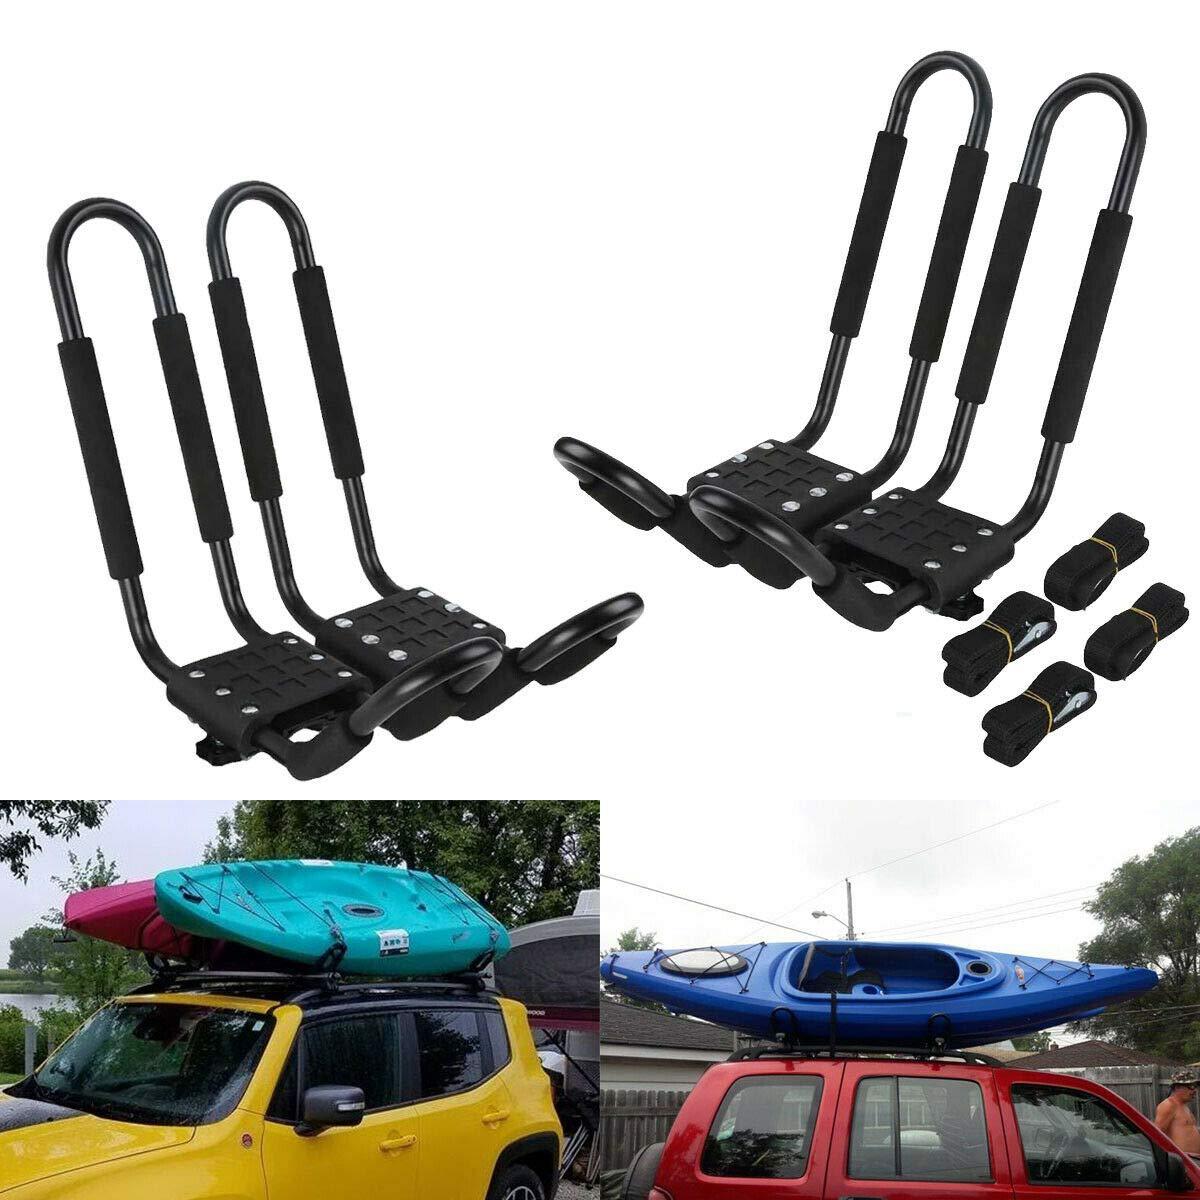 Tengchang 2 Pairs Universal Roof J-Bar Kayak Rack, Boat Canoe Car SUV Top Mounted Kayak Carrier